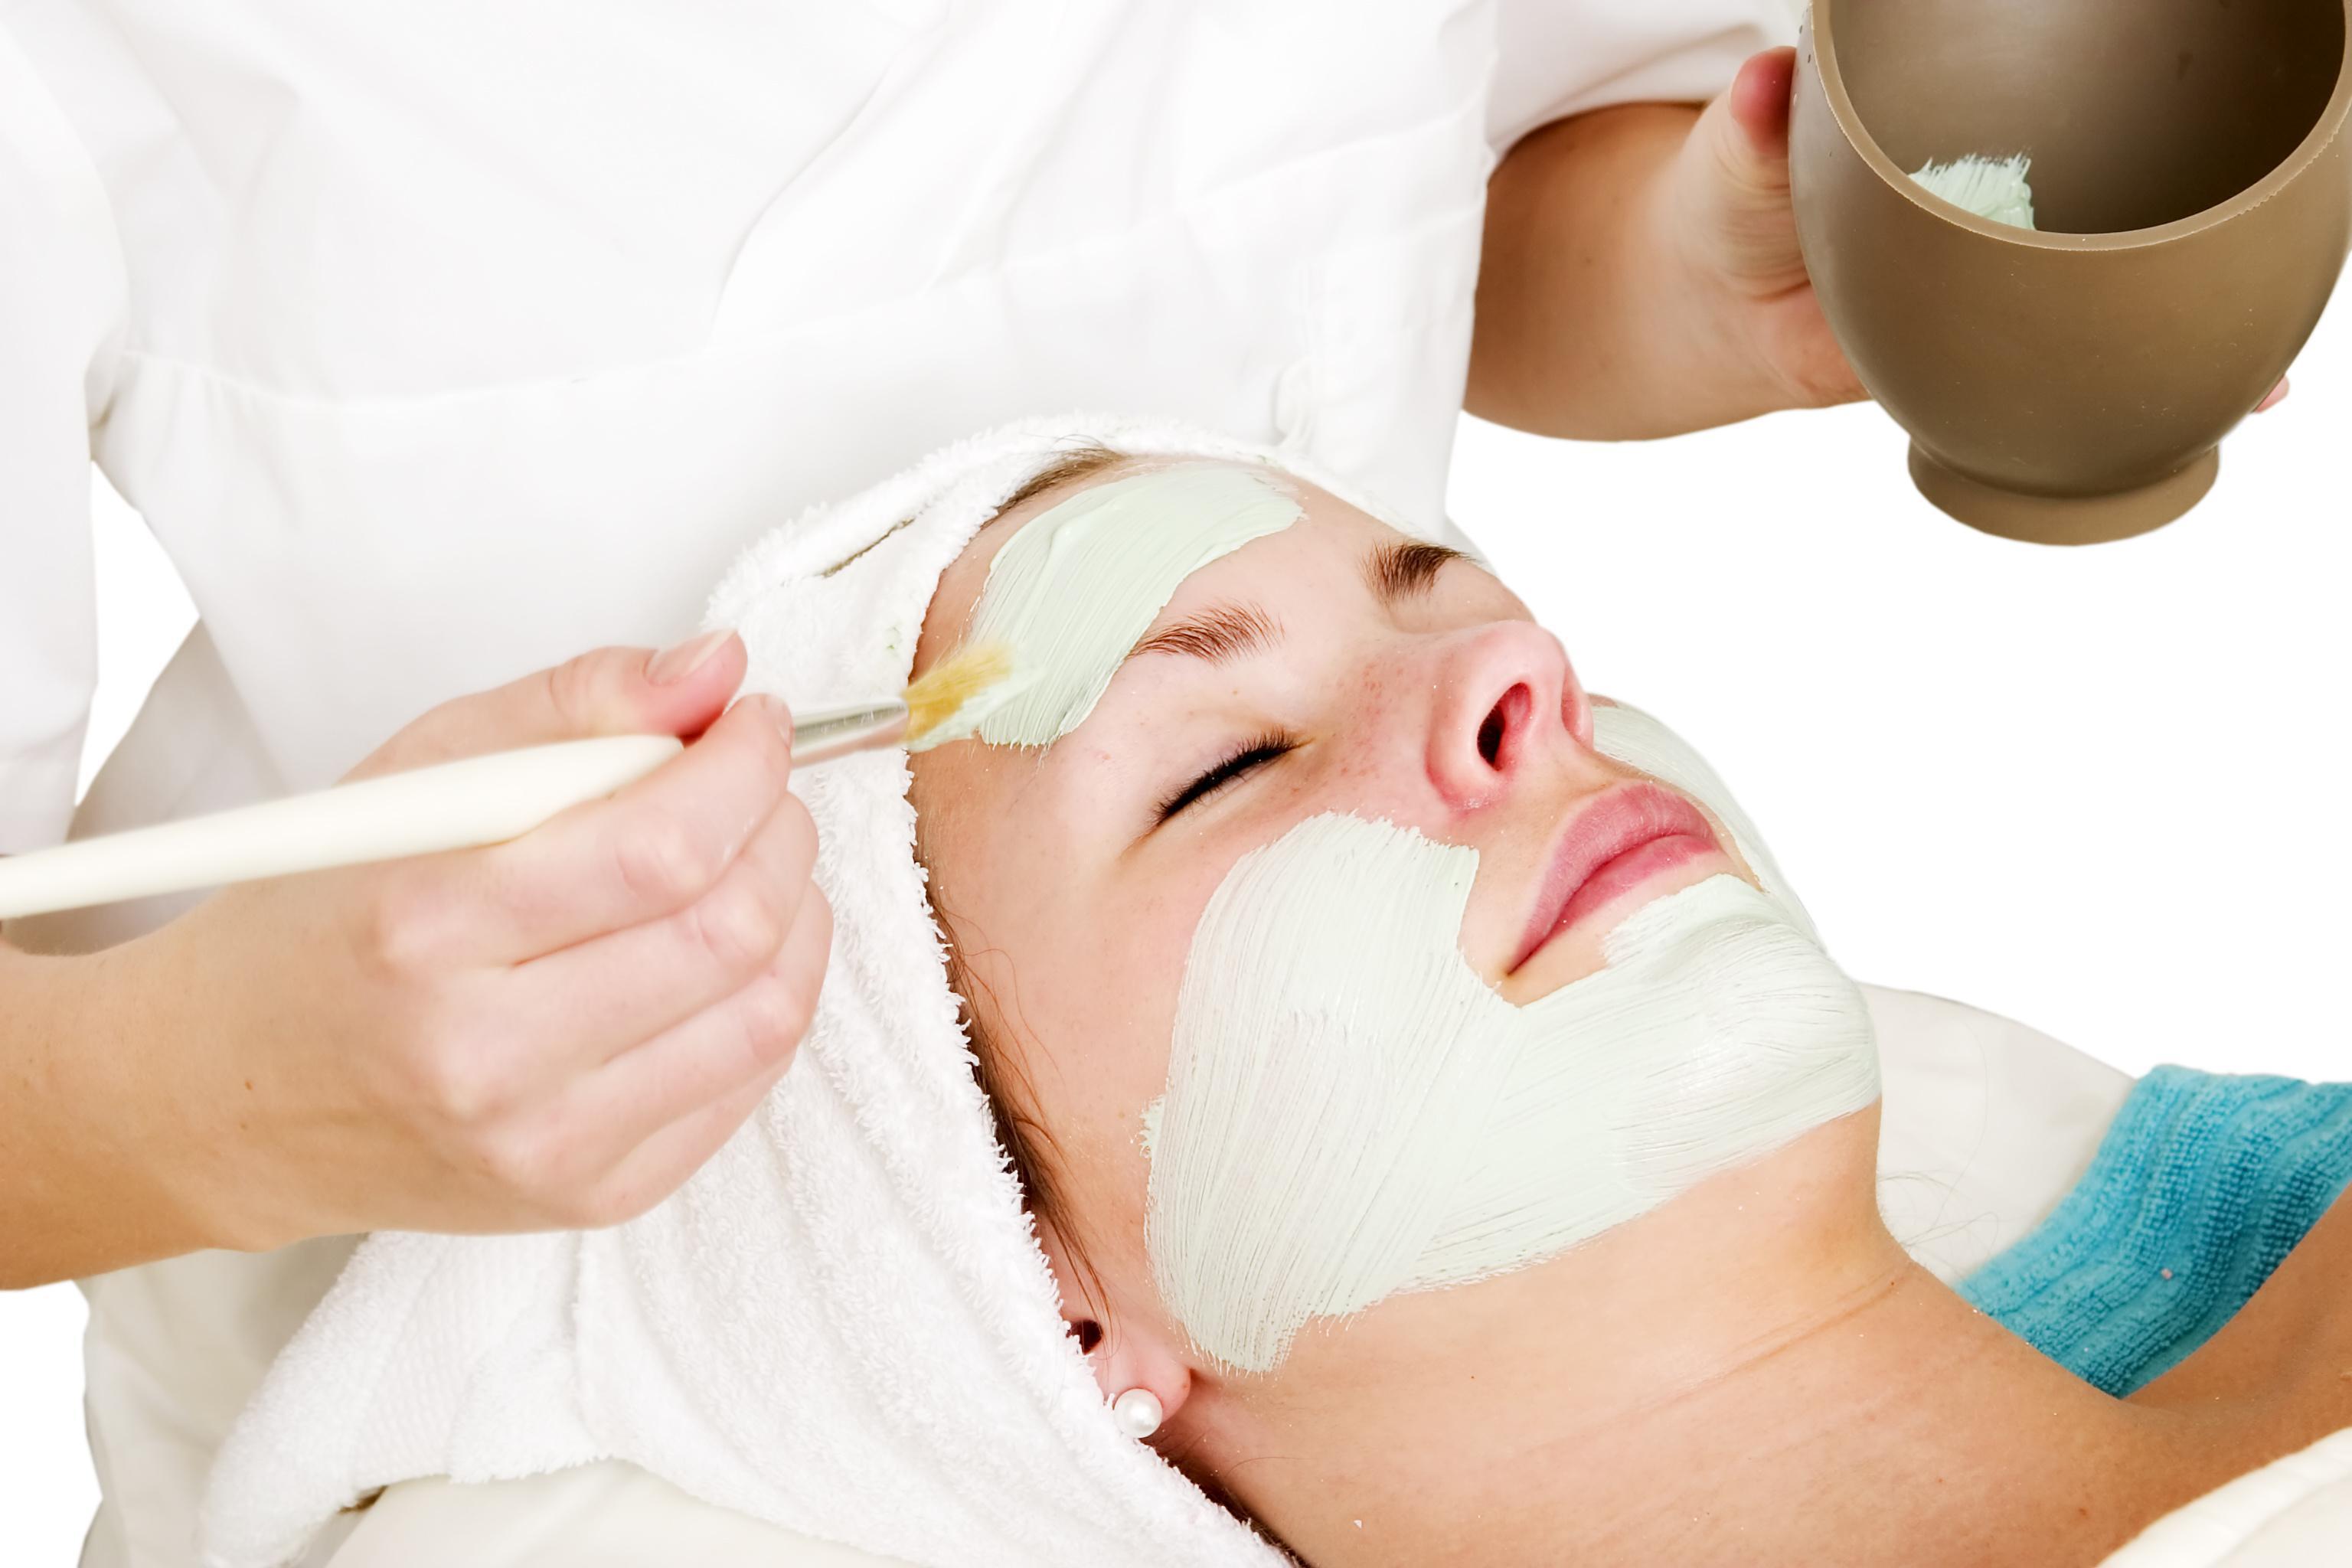 Pele: Dicas para Limpeza de Pele e Cuidados com Pele Facial